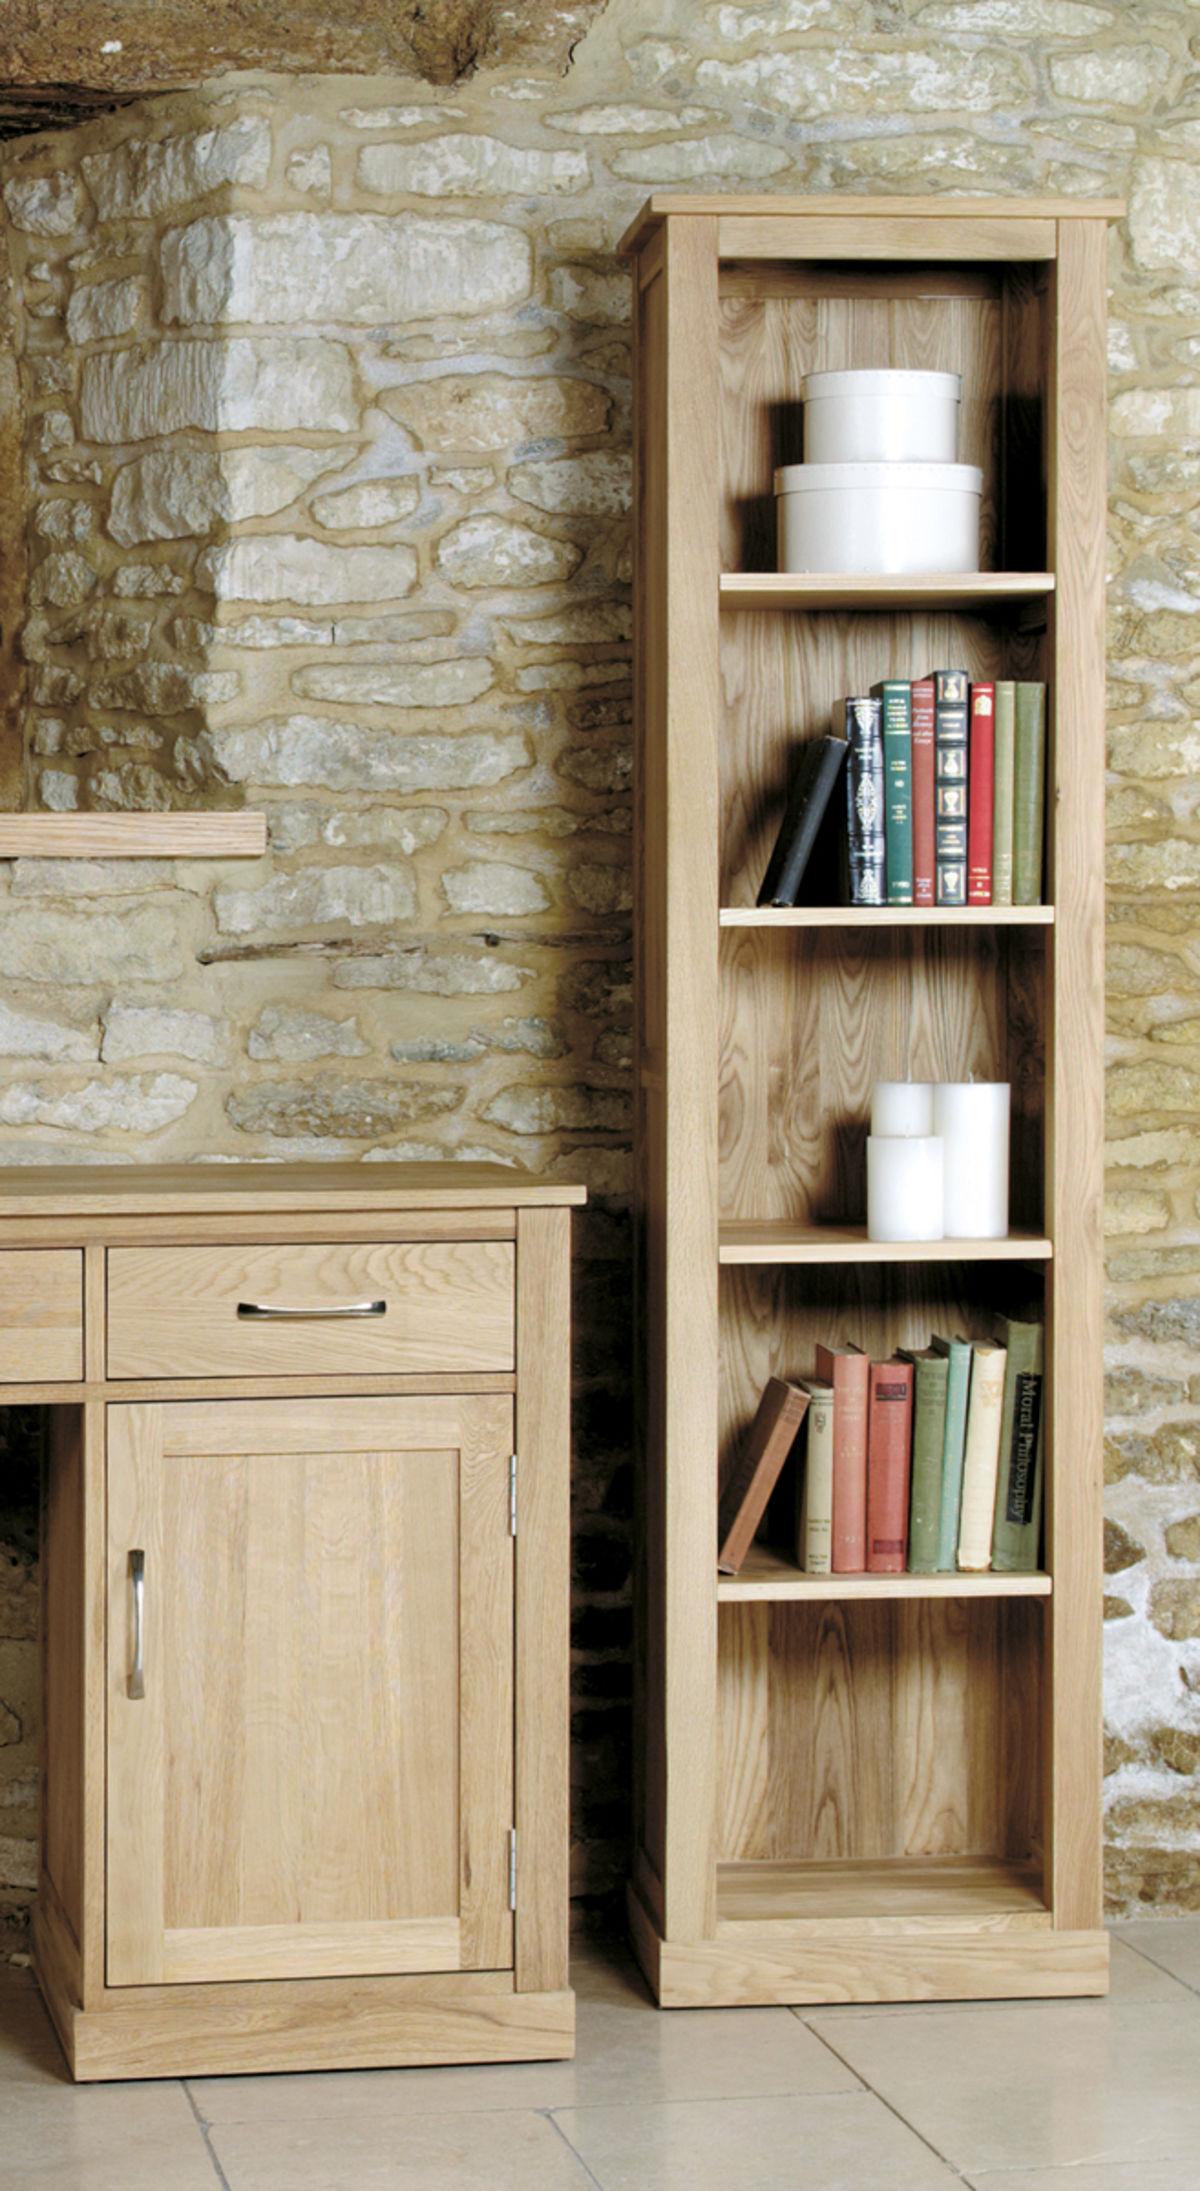 کتابخانه های تمام چوب